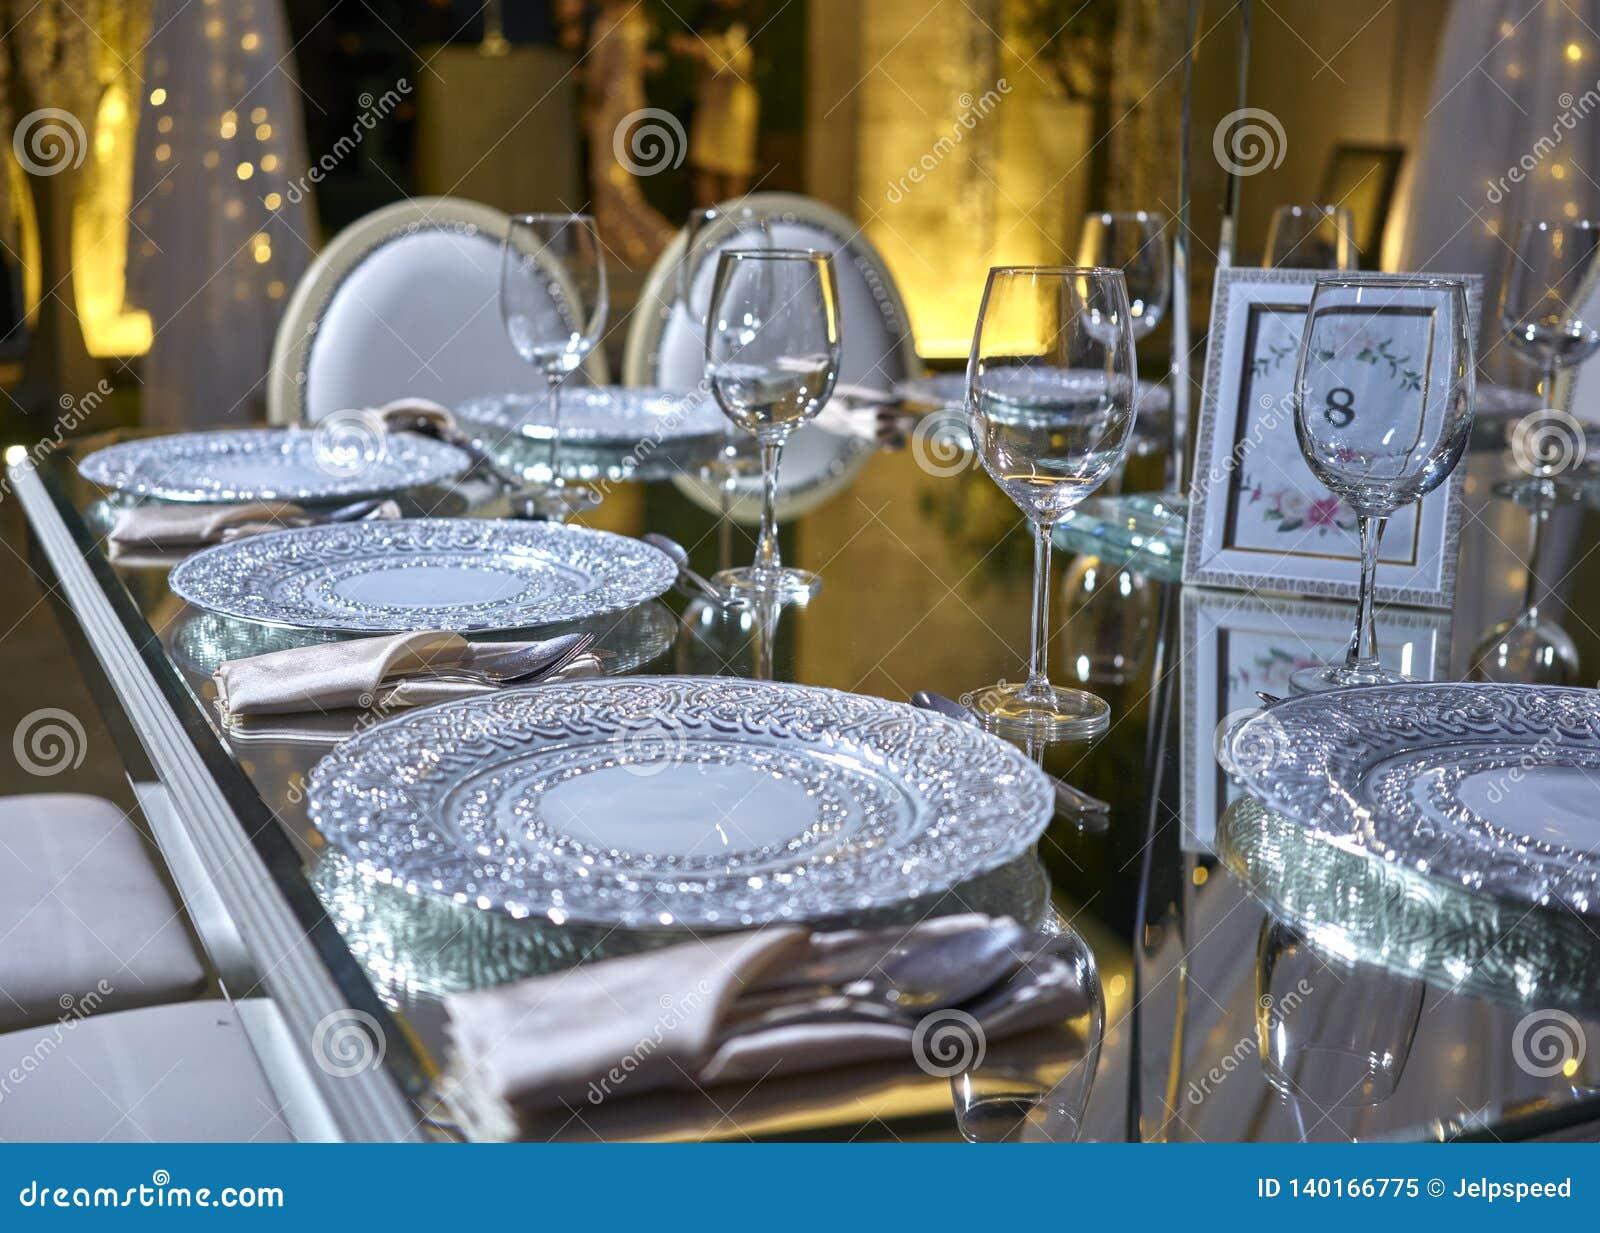 Elegant Table Setting Luxury Plates For Dinner Elegant